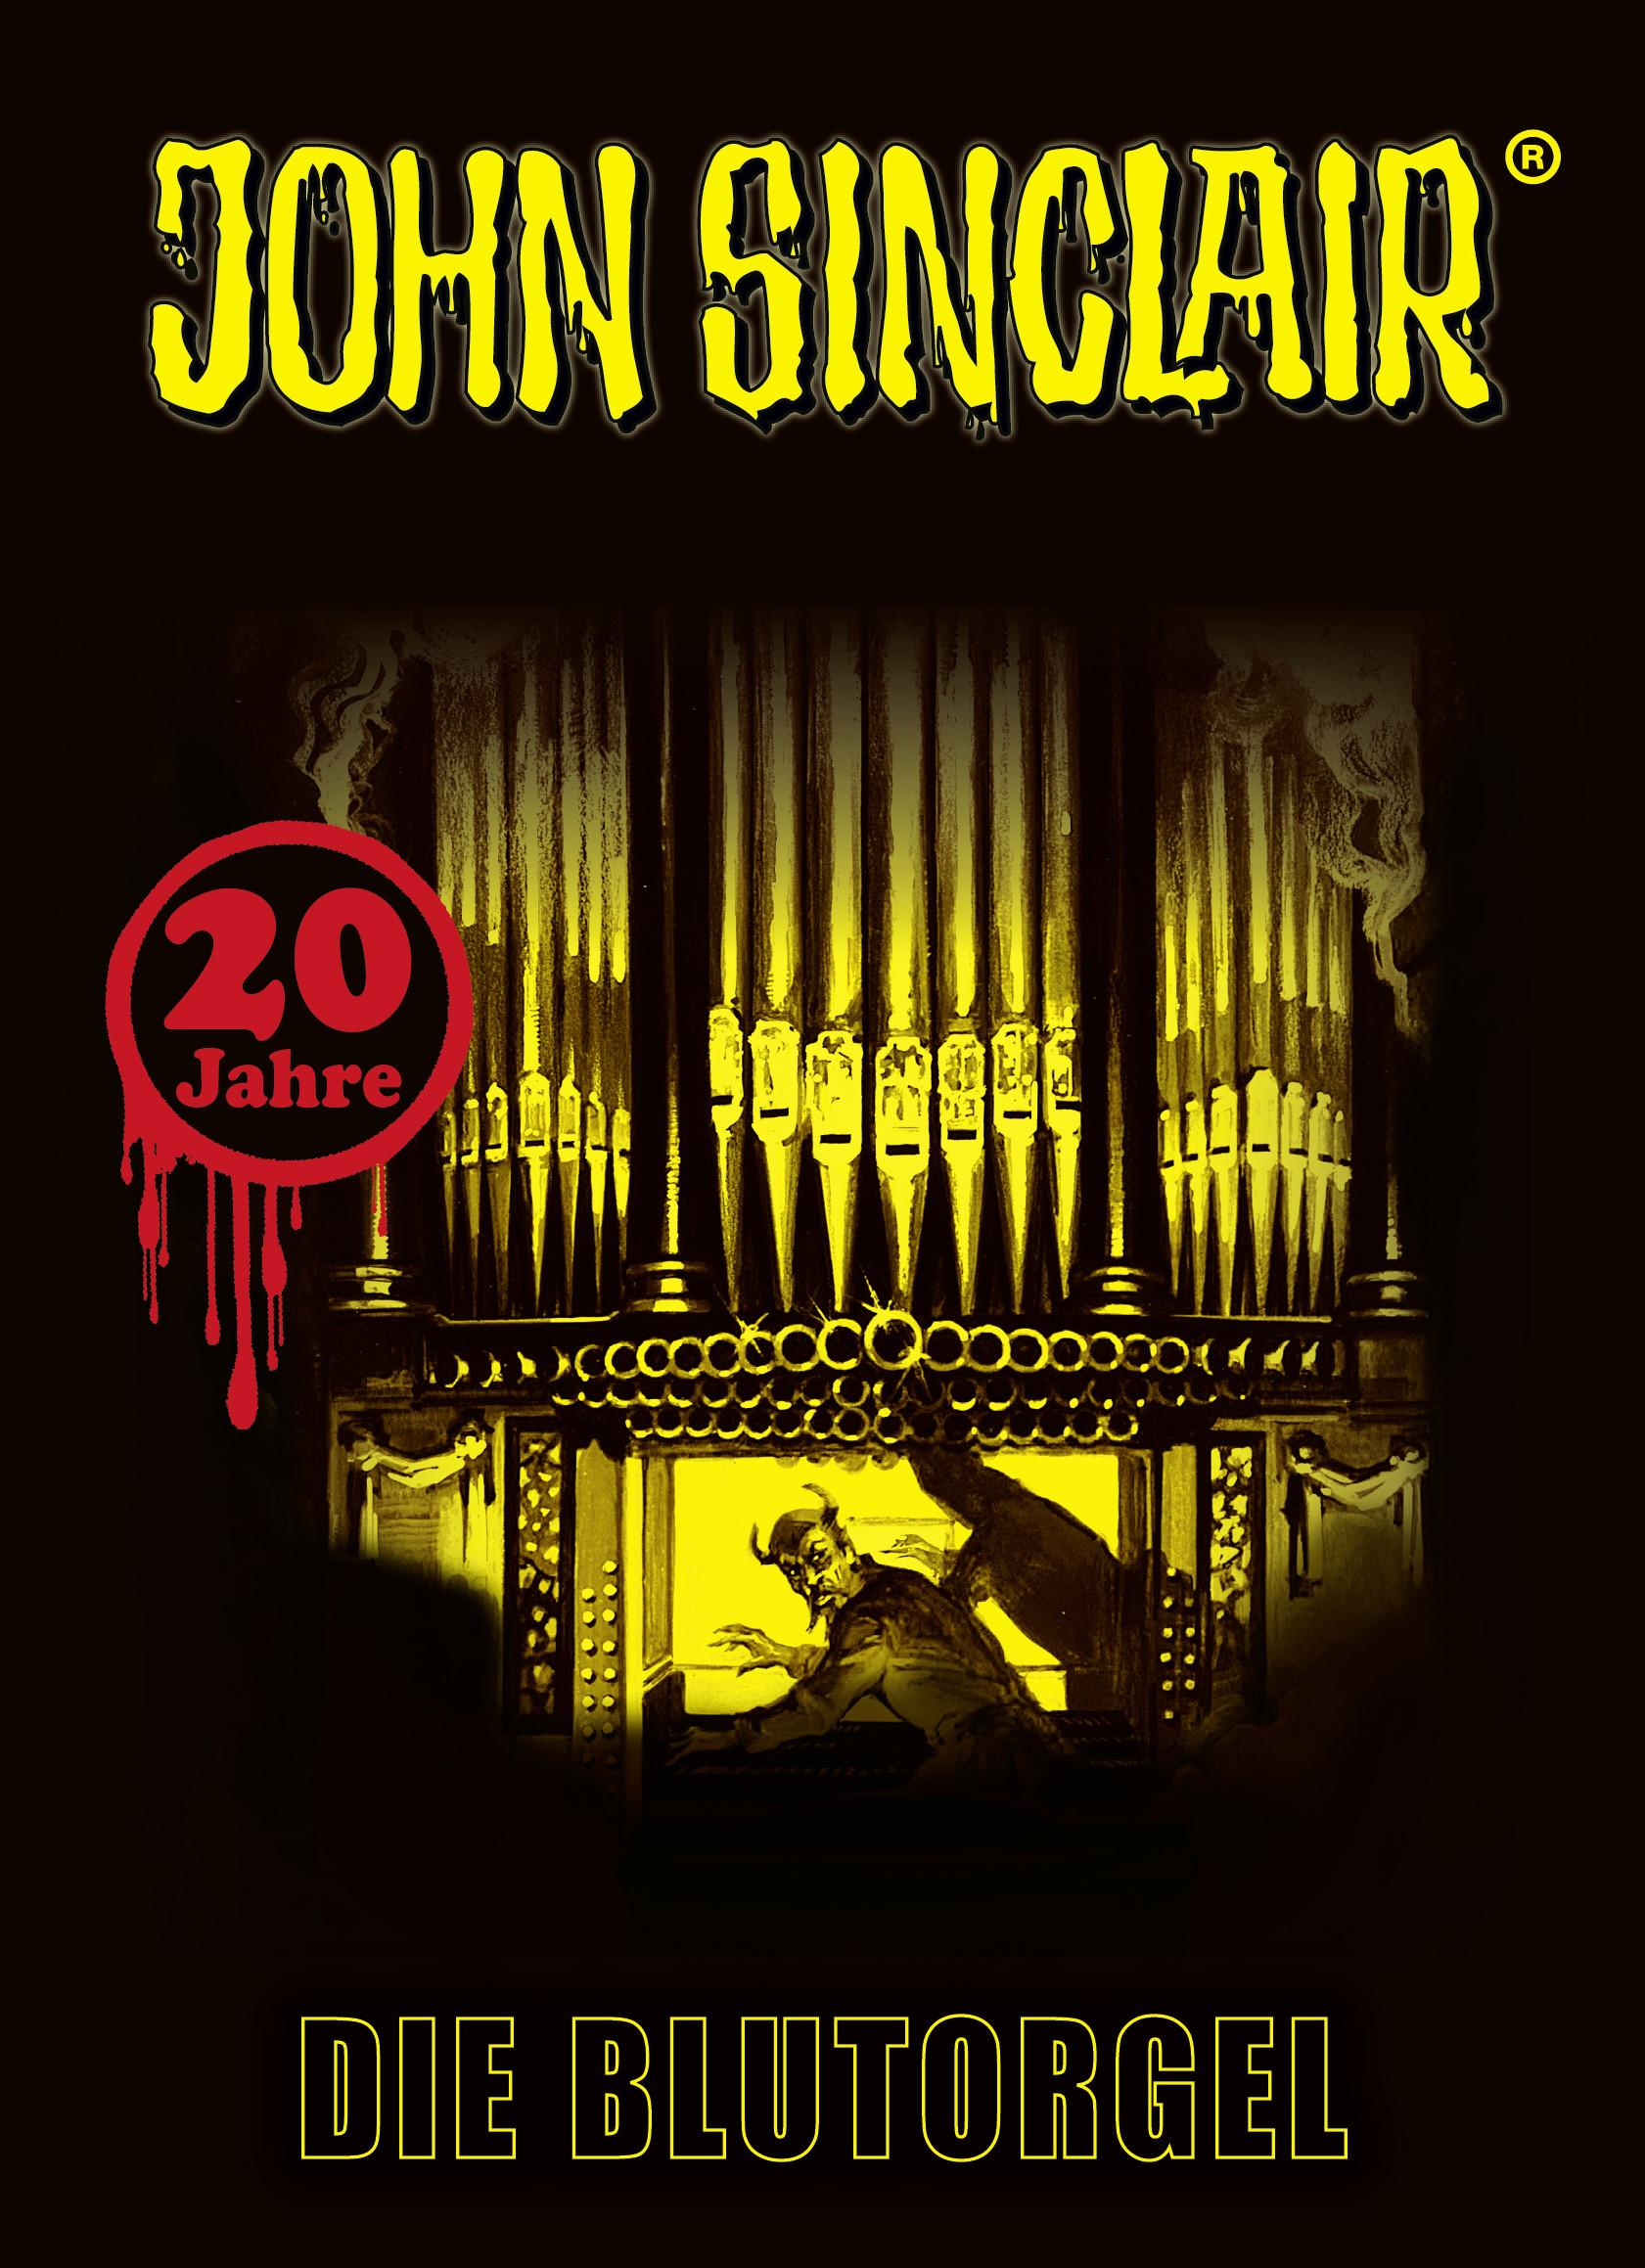 John Sinclair - Die Blutorgel - limitierte Jubiläumsbox